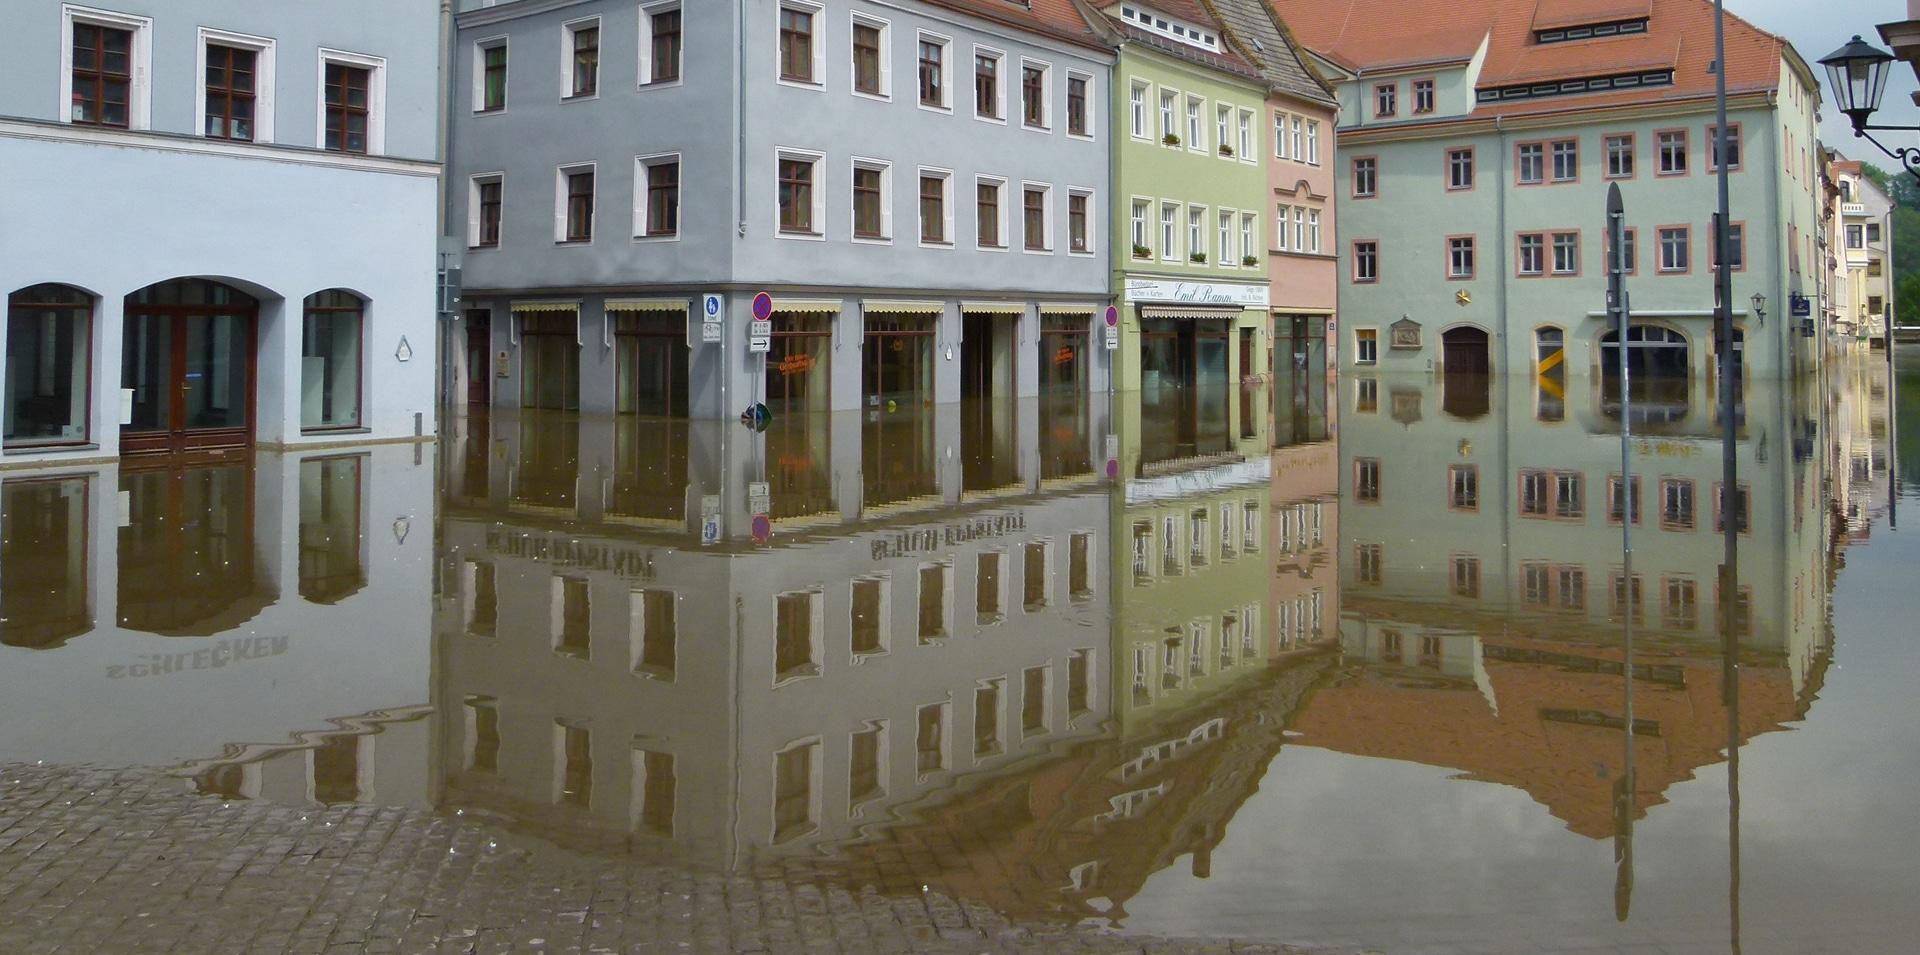 Überflutete Marktplätze nach Starkregenereignissen machen eine Neuentwicklung des Regenwassermanagement notwendig.